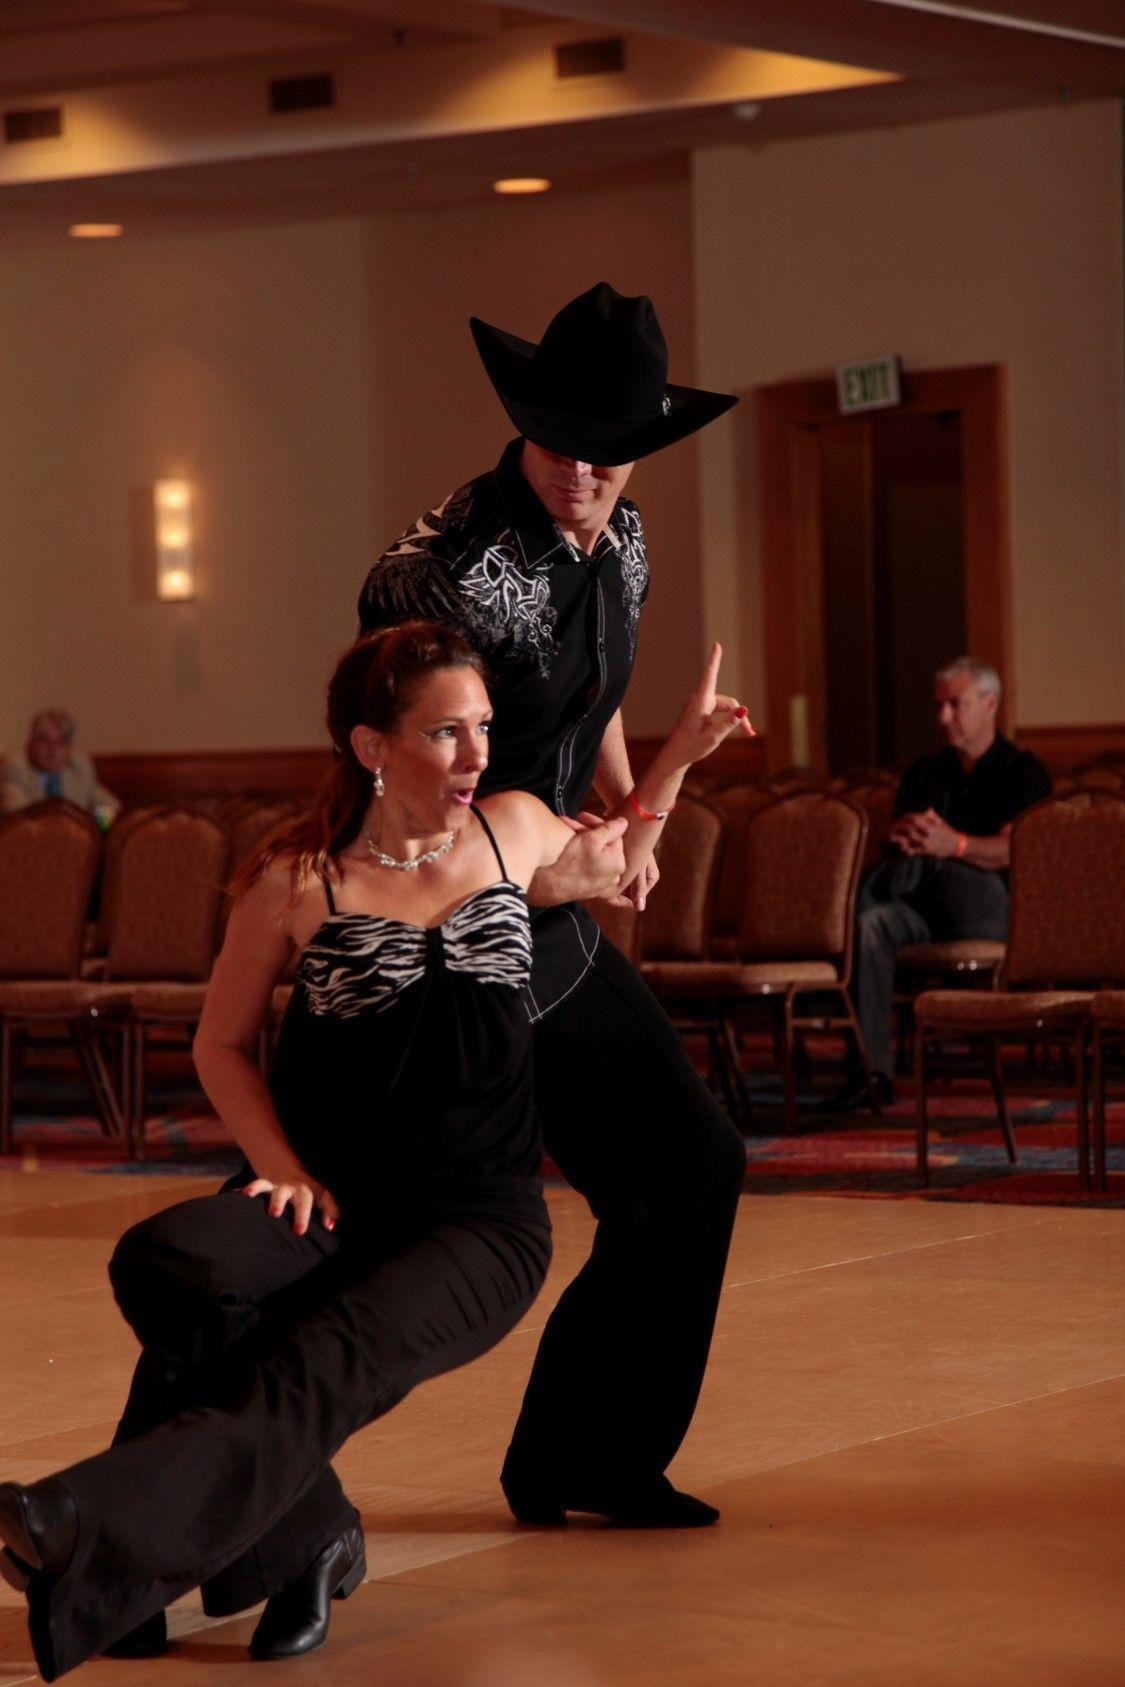 Ballroom dancing pensacola